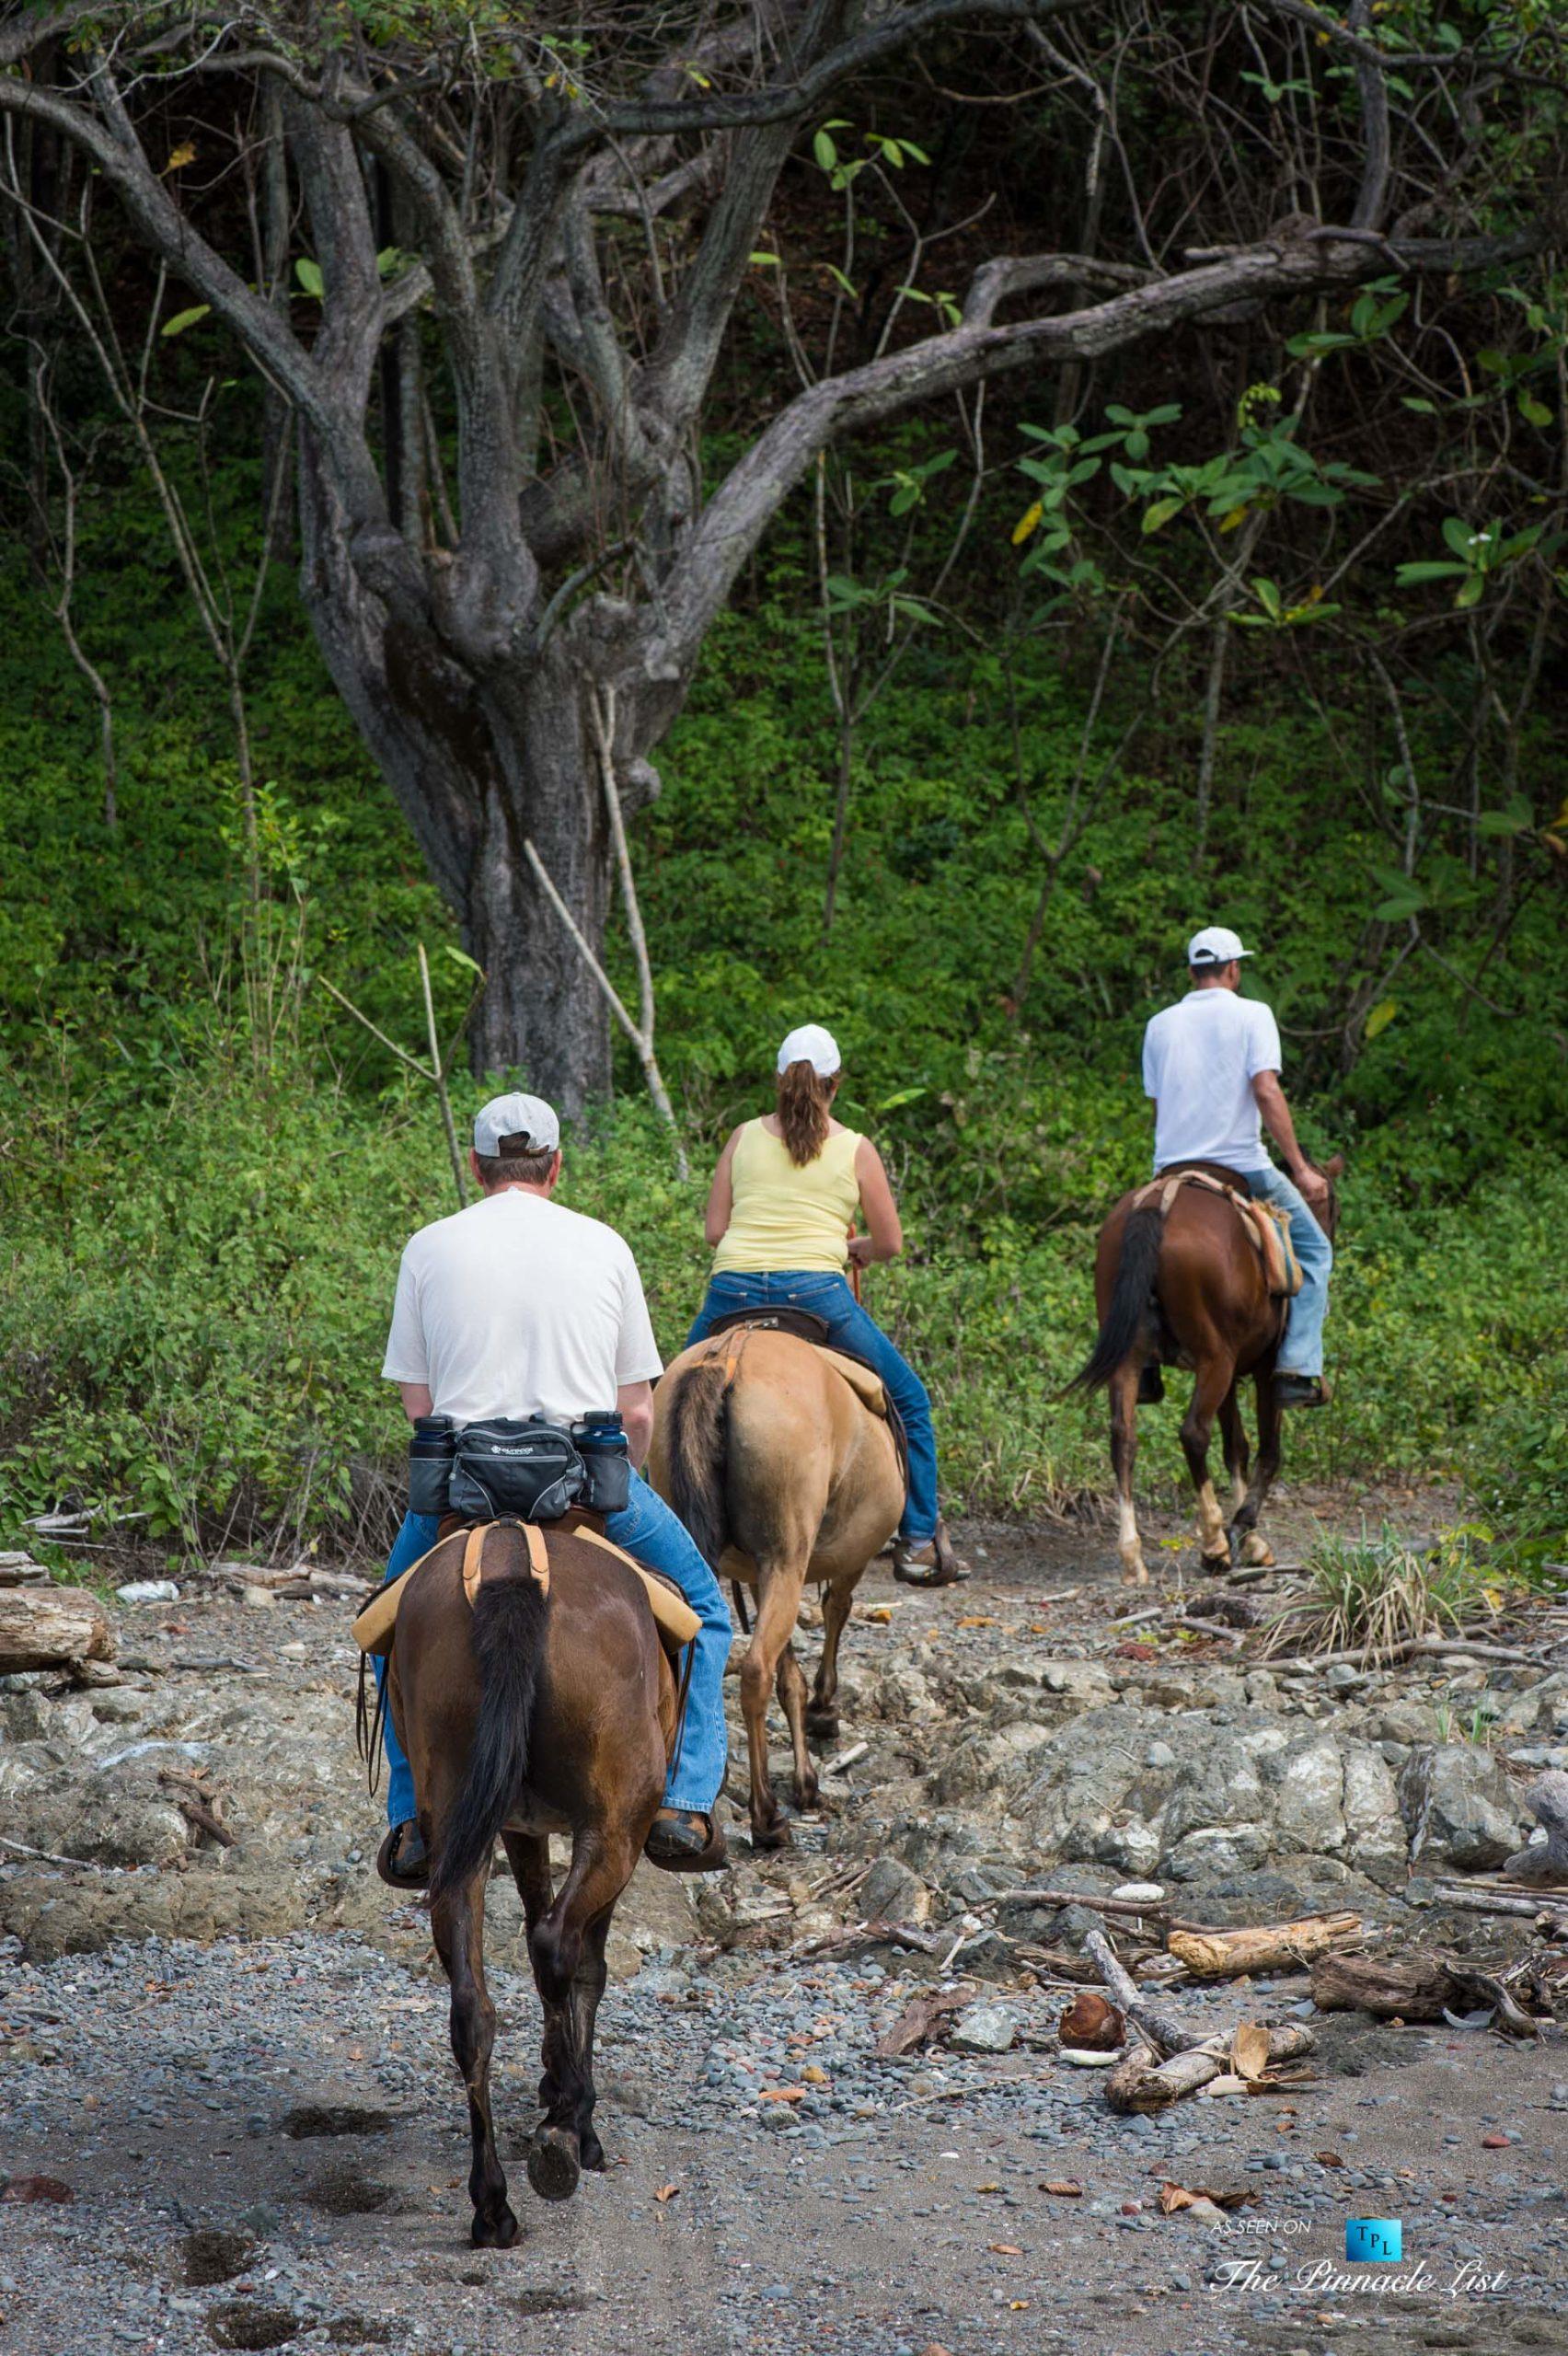 Tambor Tropical Beach Resort - Tambor, Puntarenas, Costa Rica - Horseback Riding